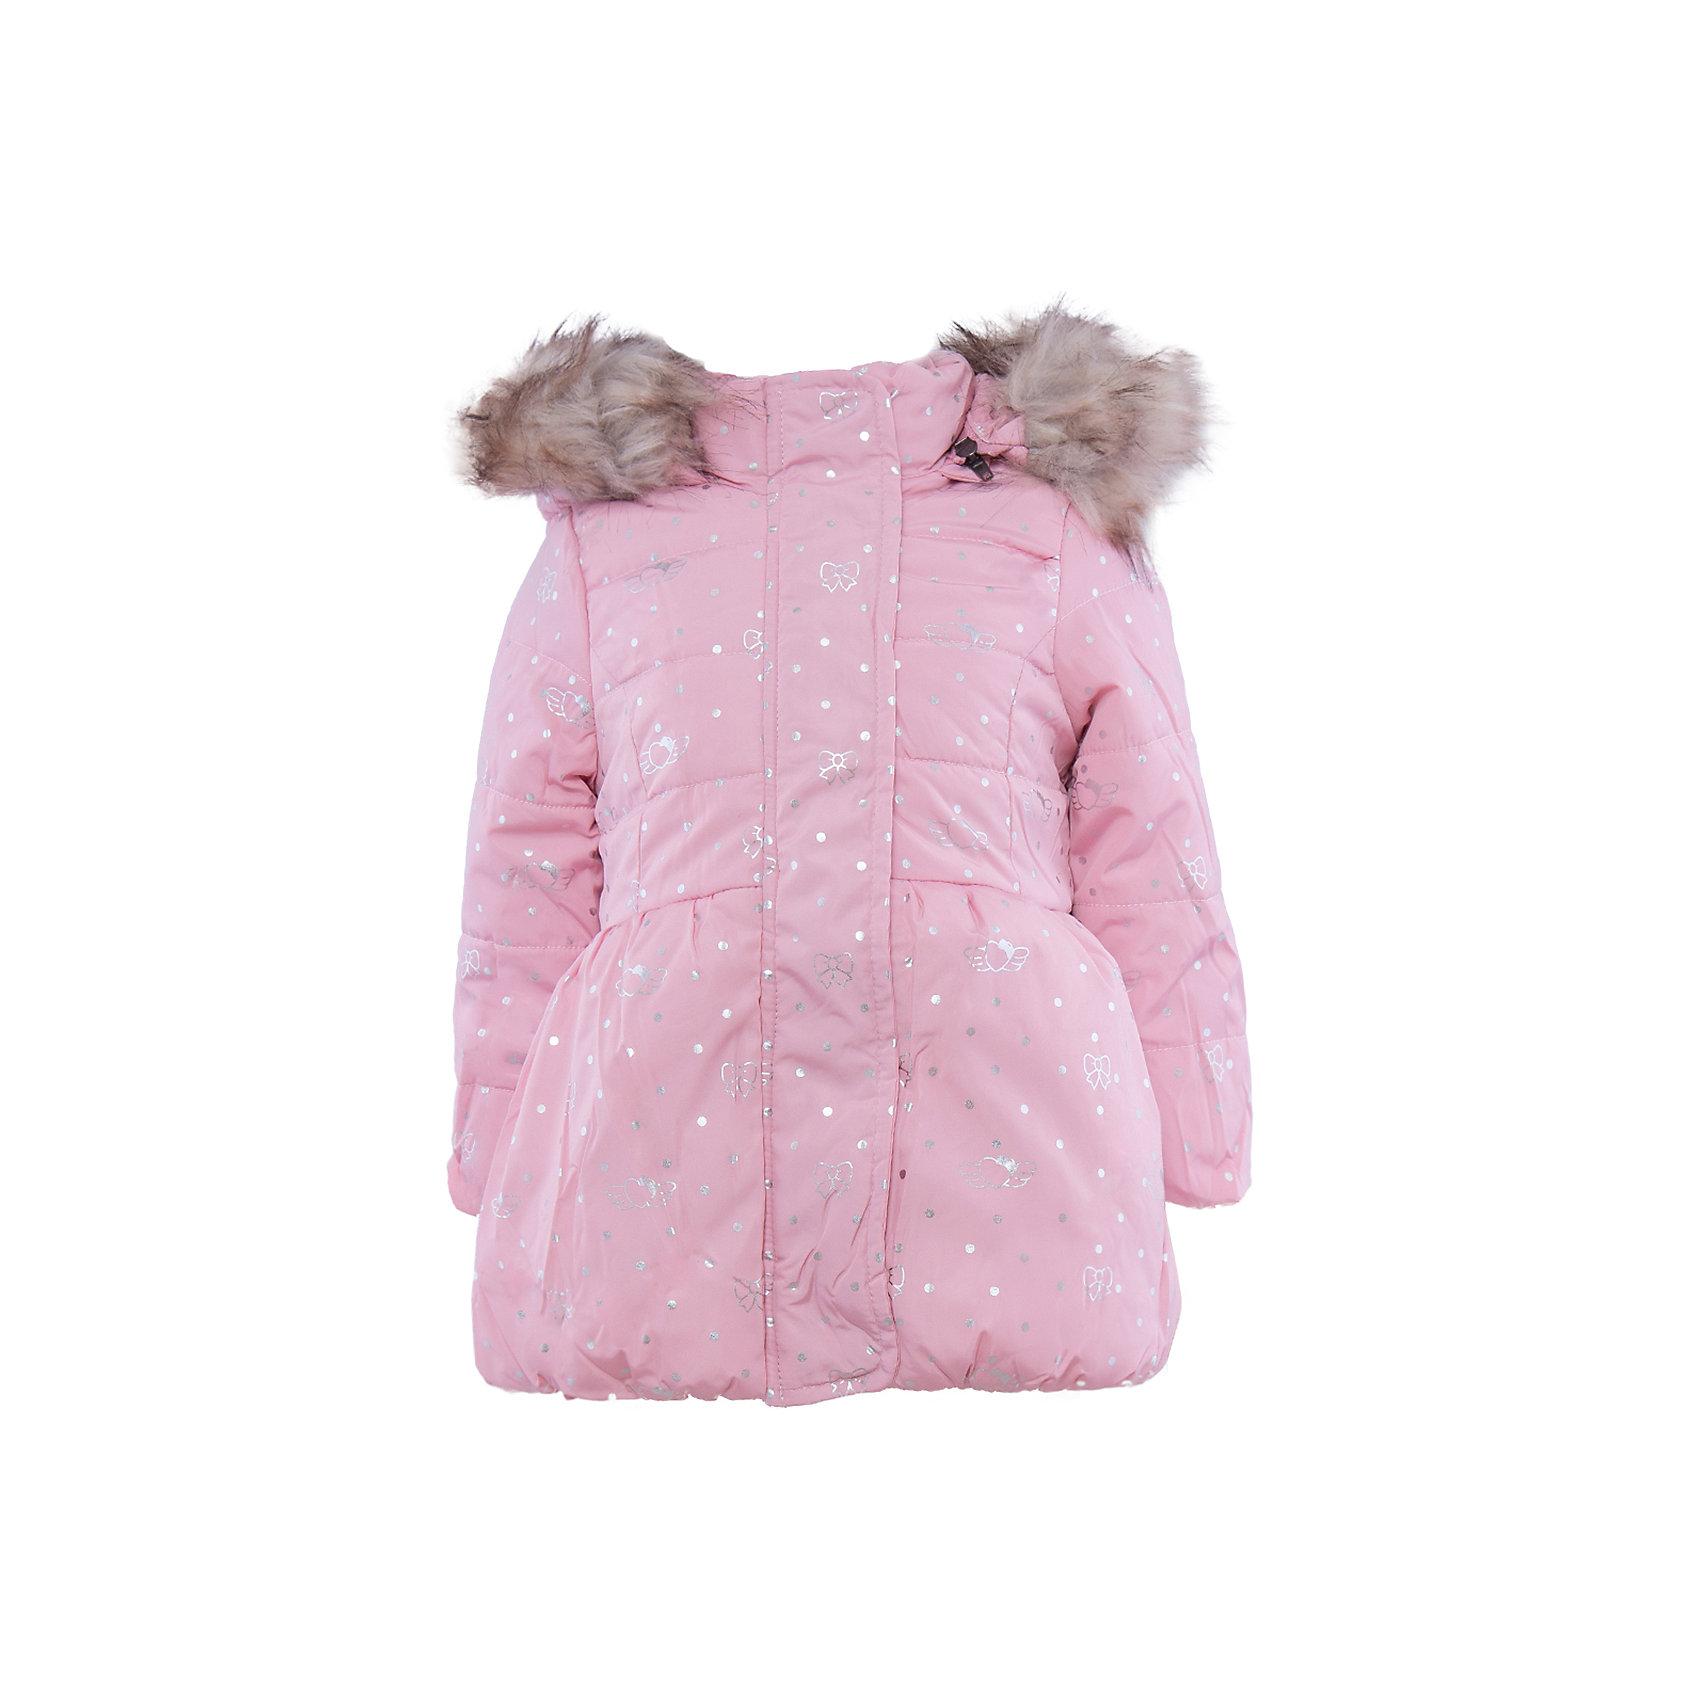 Куртка для девочки Sweet BerryВерхняя одежда<br>Куртка для девочки.<br><br>Температурный режим: до -5 градусов. Степень утепления – низкая. <br><br>* Температурный режим указан приблизительно — необходимо, прежде всего, ориентироваться на ощущения ребенка. Температурный режим работает в случае соблюдения правила многослойности – использования флисовой поддевы и термобелья.<br><br>Такая модель куртки для девочки отличается модным дизайном. Удачный крой обеспечит ребенку комфорт и тепло. Флисовая подкладка делает вещь идеальной для прохладной погоды. Она плотно прилегает к телу там, где нужно, и отлично сидит по фигуре. Декорирована модель опушкой на капюшоне и серебристым принтом.<br>Одежда от бренда Sweet Berry - это простой и выгодный способ одеть ребенка удобно и стильно. Всё изделия тщательно проработаны: швы - прочные, материал - качественный, фурнитура - подобранная специально для детей. <br><br>Дополнительная информация:<br><br>цвет: розовый;<br>капюшон с опушкой;<br>материал: верх, подкладка, наполнитель - 100% полиэстер;<br>застежка: молния;<br>принт.<br><br>Куртку для девочки от бренда Sweet Berry можно купить в нашем интернет-магазине.<br><br>Ширина мм: 356<br>Глубина мм: 10<br>Высота мм: 245<br>Вес г: 519<br>Цвет: розовый<br>Возраст от месяцев: 24<br>Возраст до месяцев: 36<br>Пол: Женский<br>Возраст: Детский<br>Размер: 98,80,86,92<br>SKU: 4931148